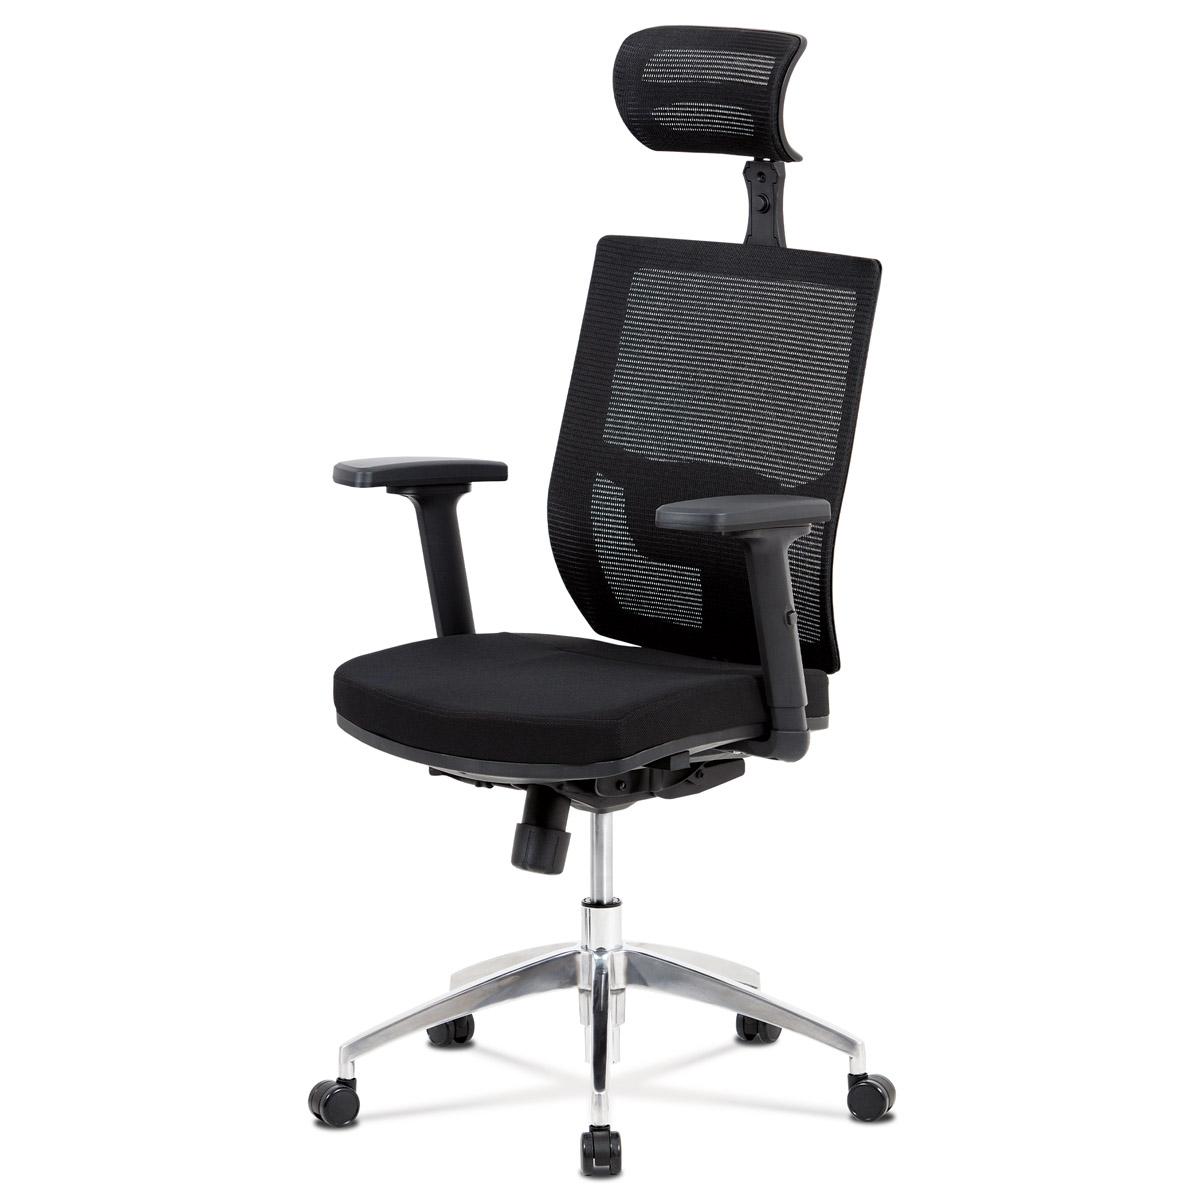 Autronic - Kancelářská židle, černá látka / černá síťovina, hliníkový kříž, synchronní mechanismus - KA-B1083 BK